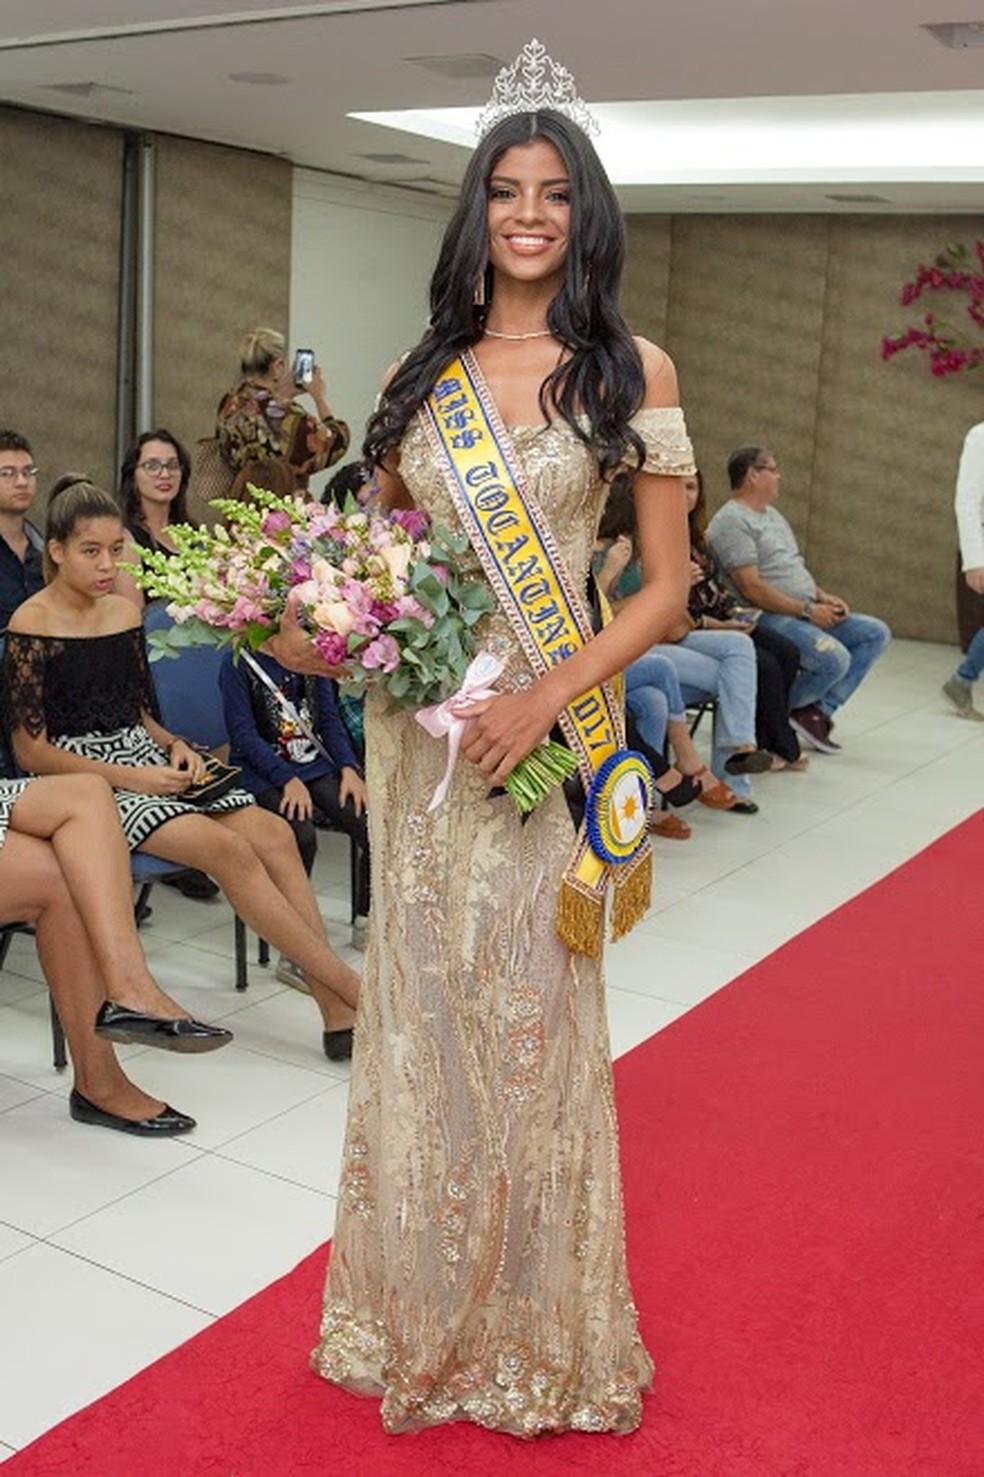 Islane Machado foi eleita Miss Tocantins 2017 (Foto: Divulgação/Bpfotografia)